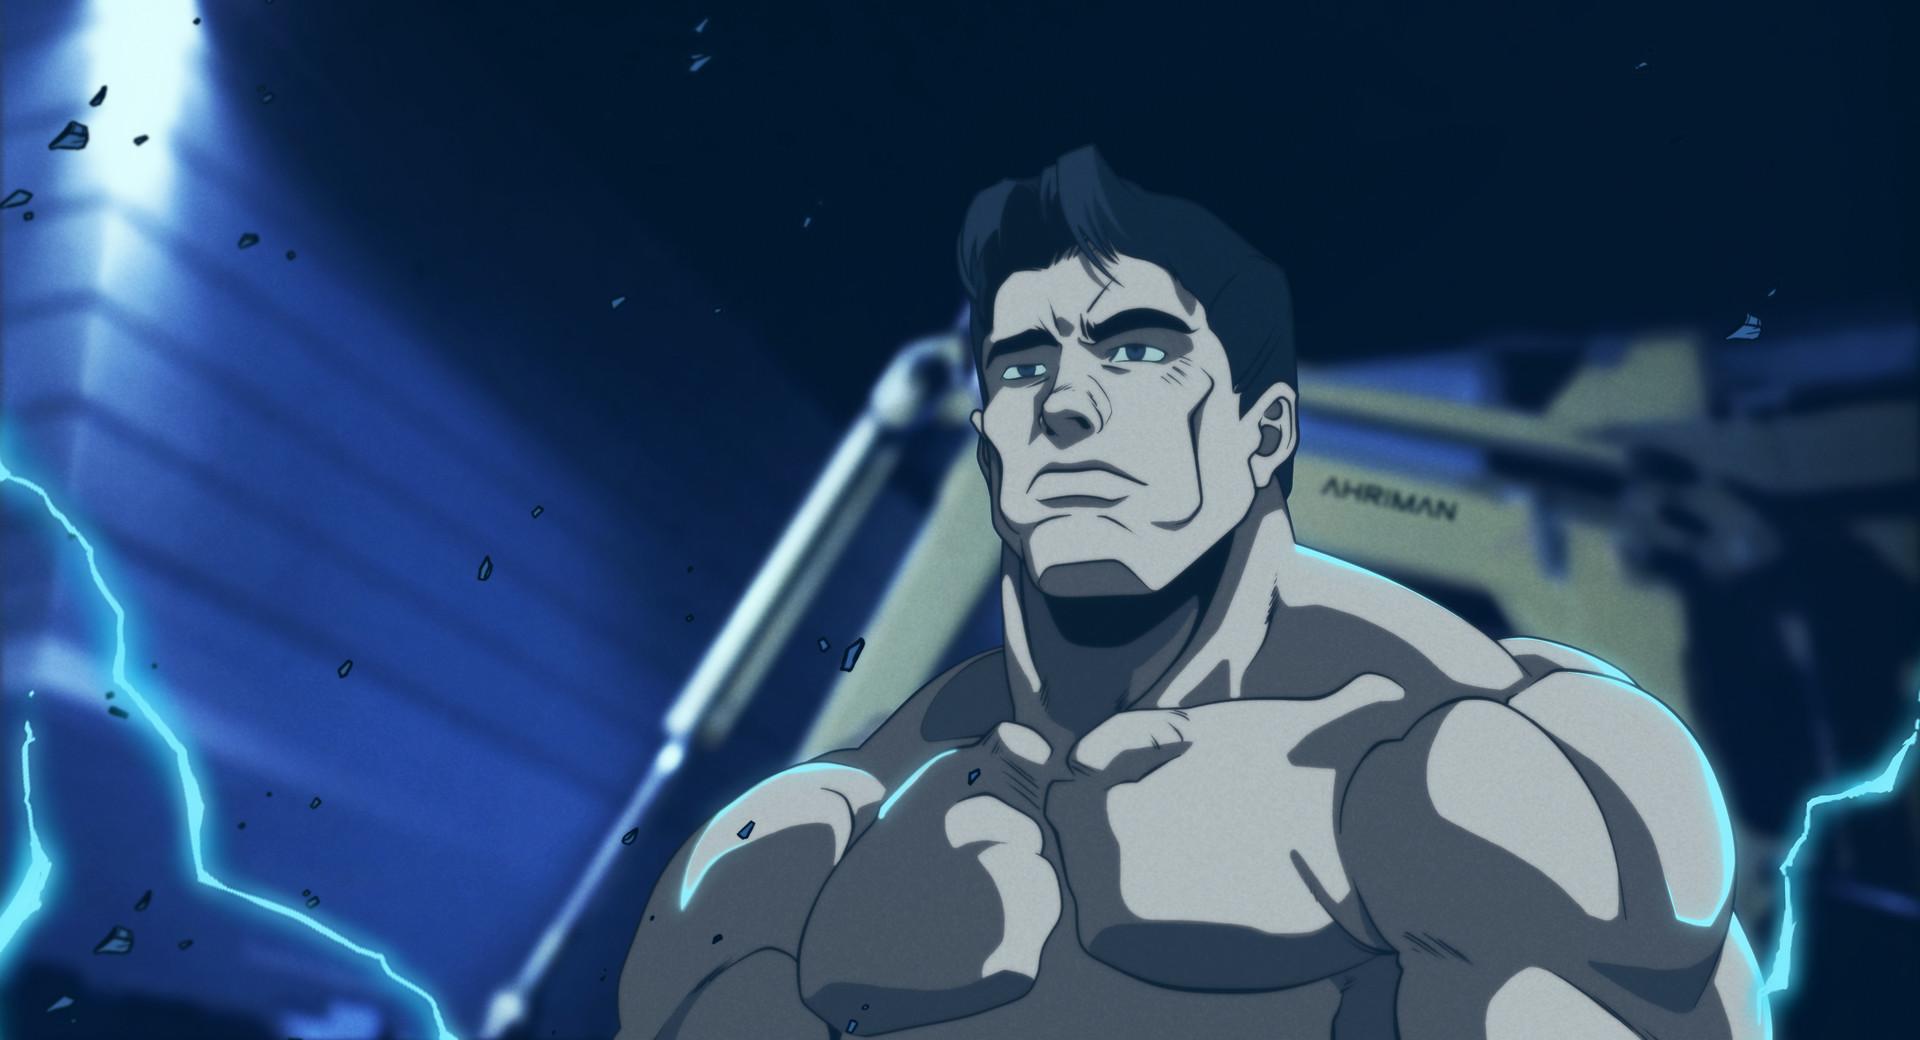 Dmitry grozov anime8